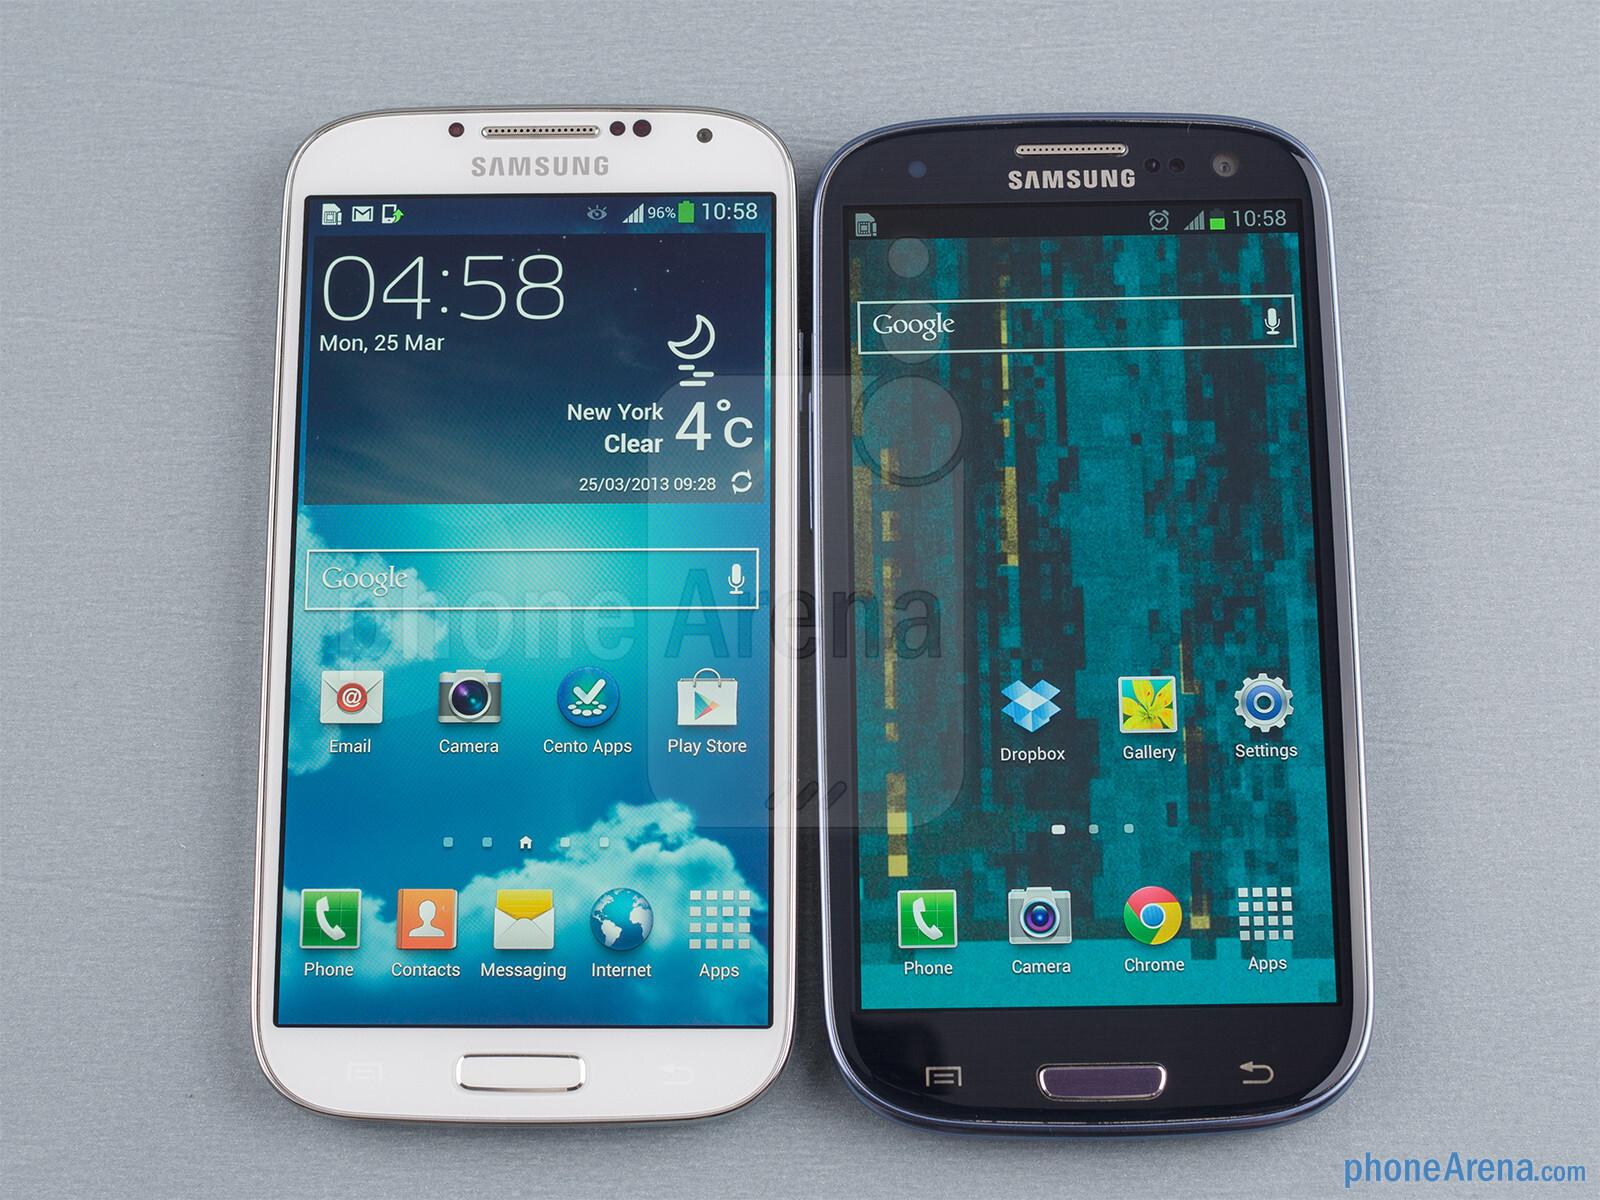 Samsung Galaxy S4 vs Samsung Galaxy S III - PhoneArena